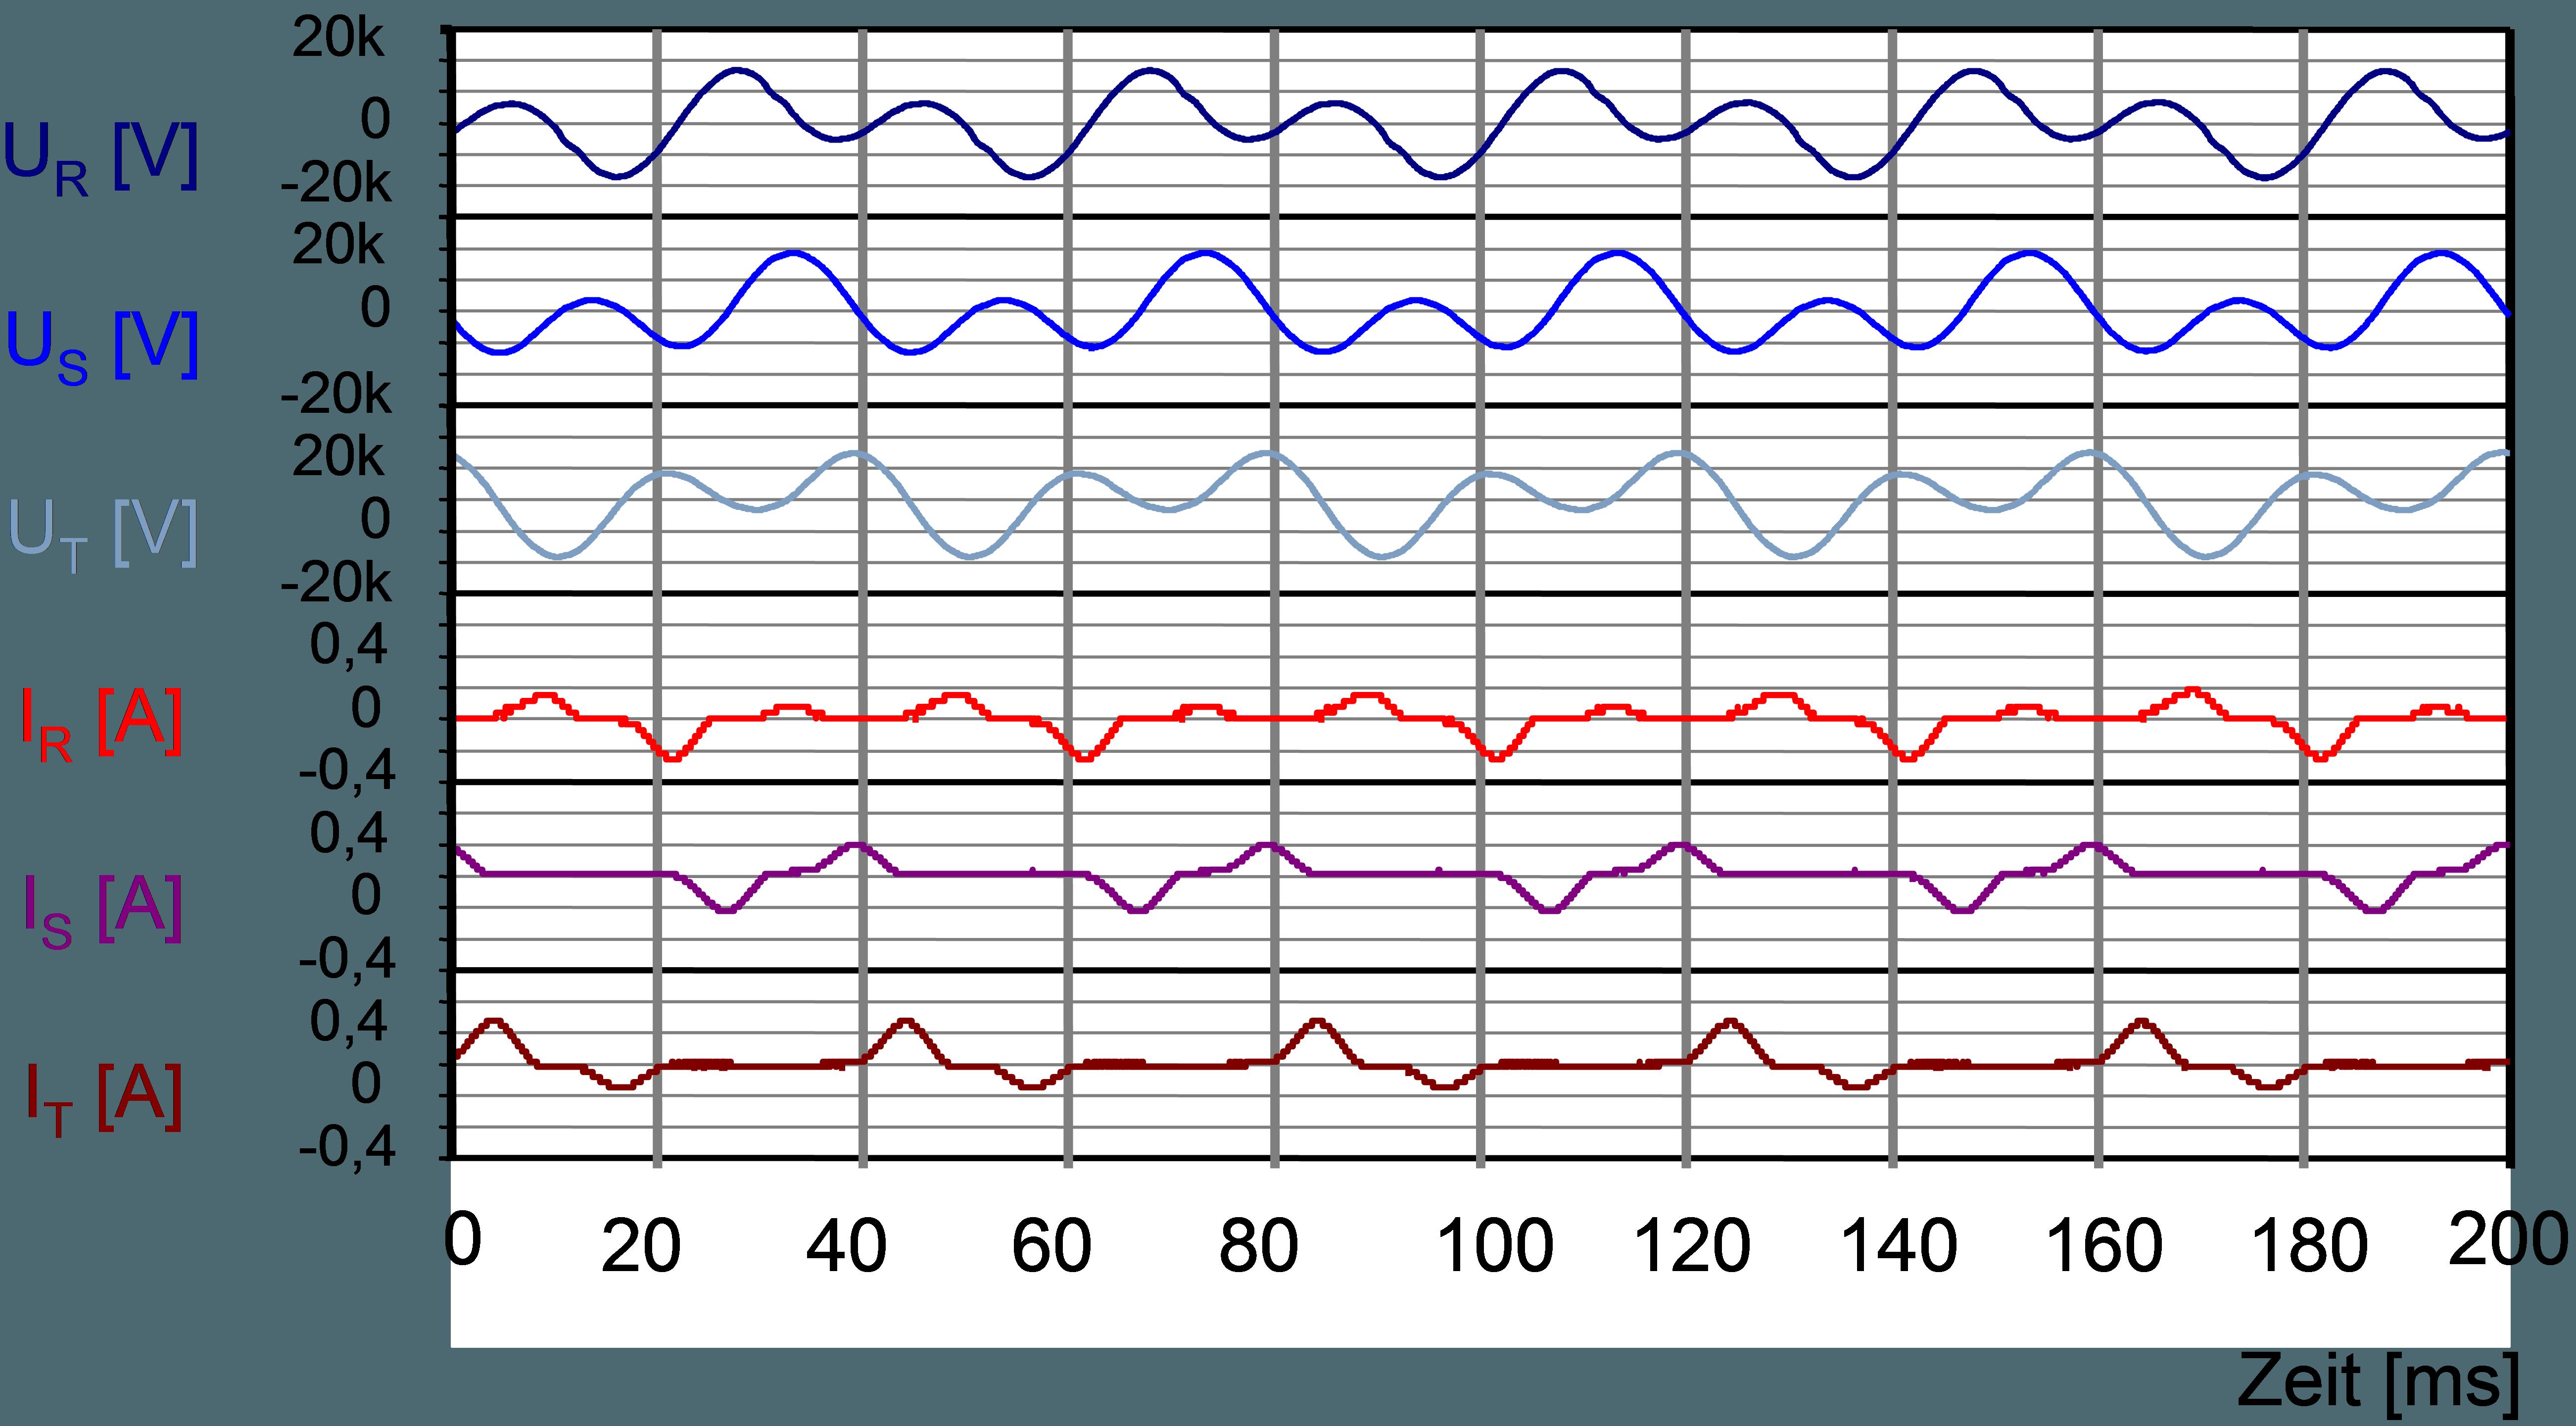 Courbe de la tension simple et des courants parcourant l'enroulement primaire du transformateur de tension pendant une oscillation de ferrorésonance triphasée